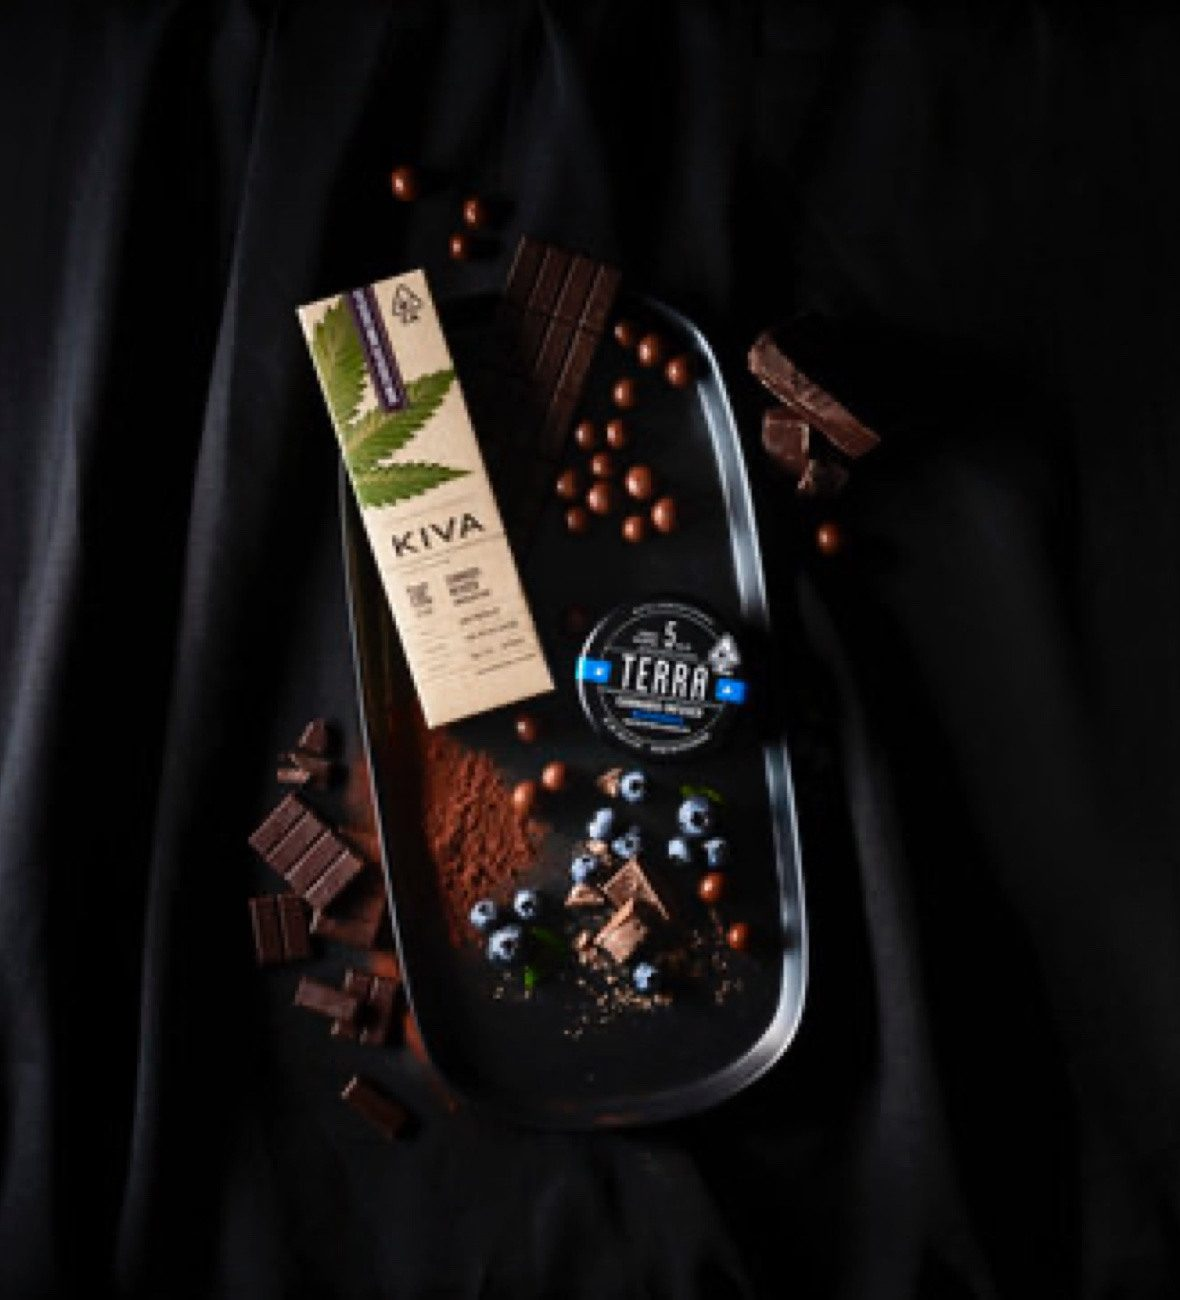 20191112 Blog Kiva Chocolate Evolution 1180x1300